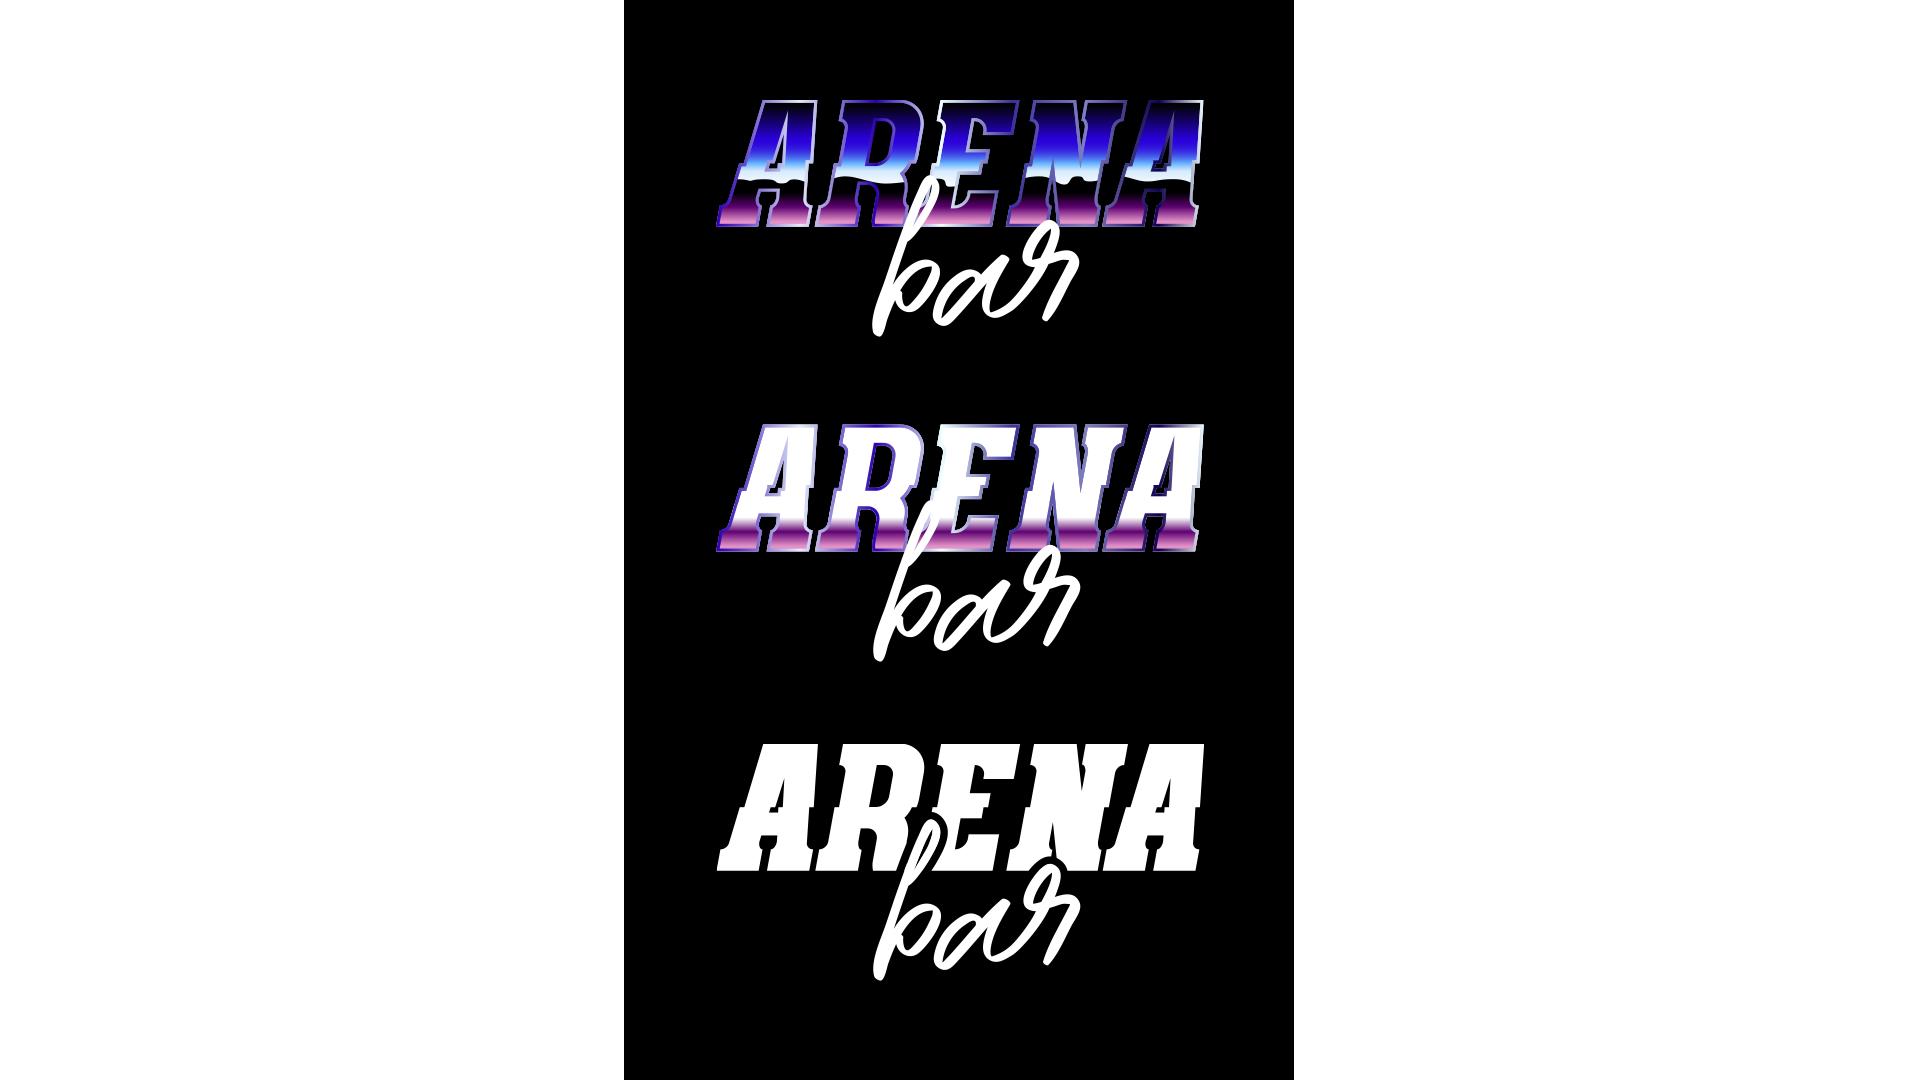 Разработка логотипа для бара! фото f_6185dceb15cb22e2.png